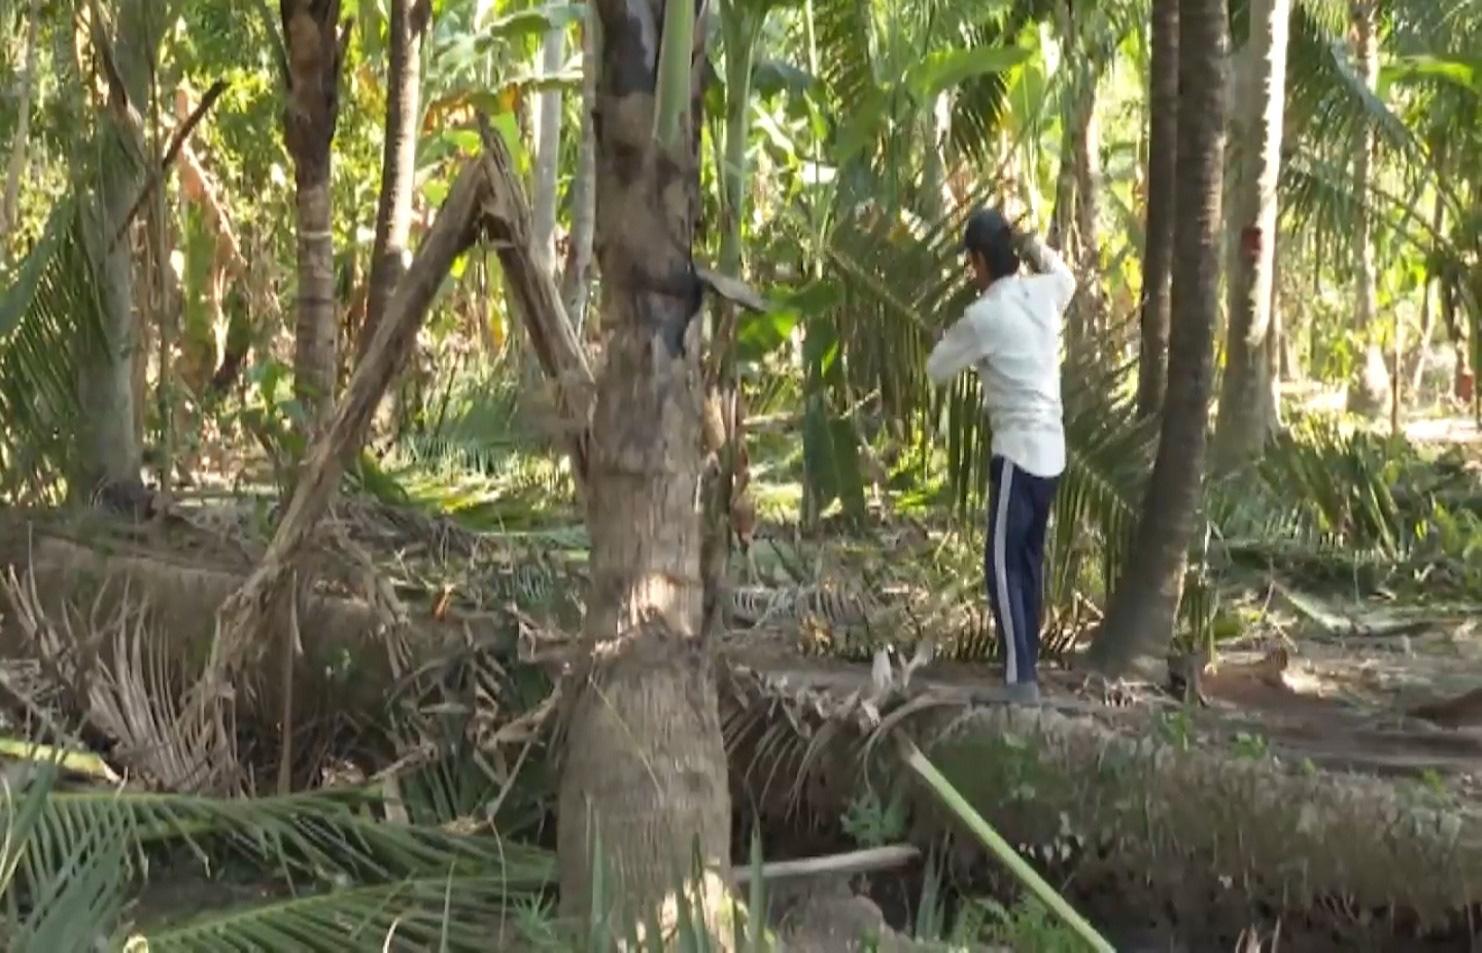 Bến Tre: Sâu đầu đen bùng phát gây hại trên cây dừa, nhiều bà con mất nguồn thu nhập - Ảnh 9.